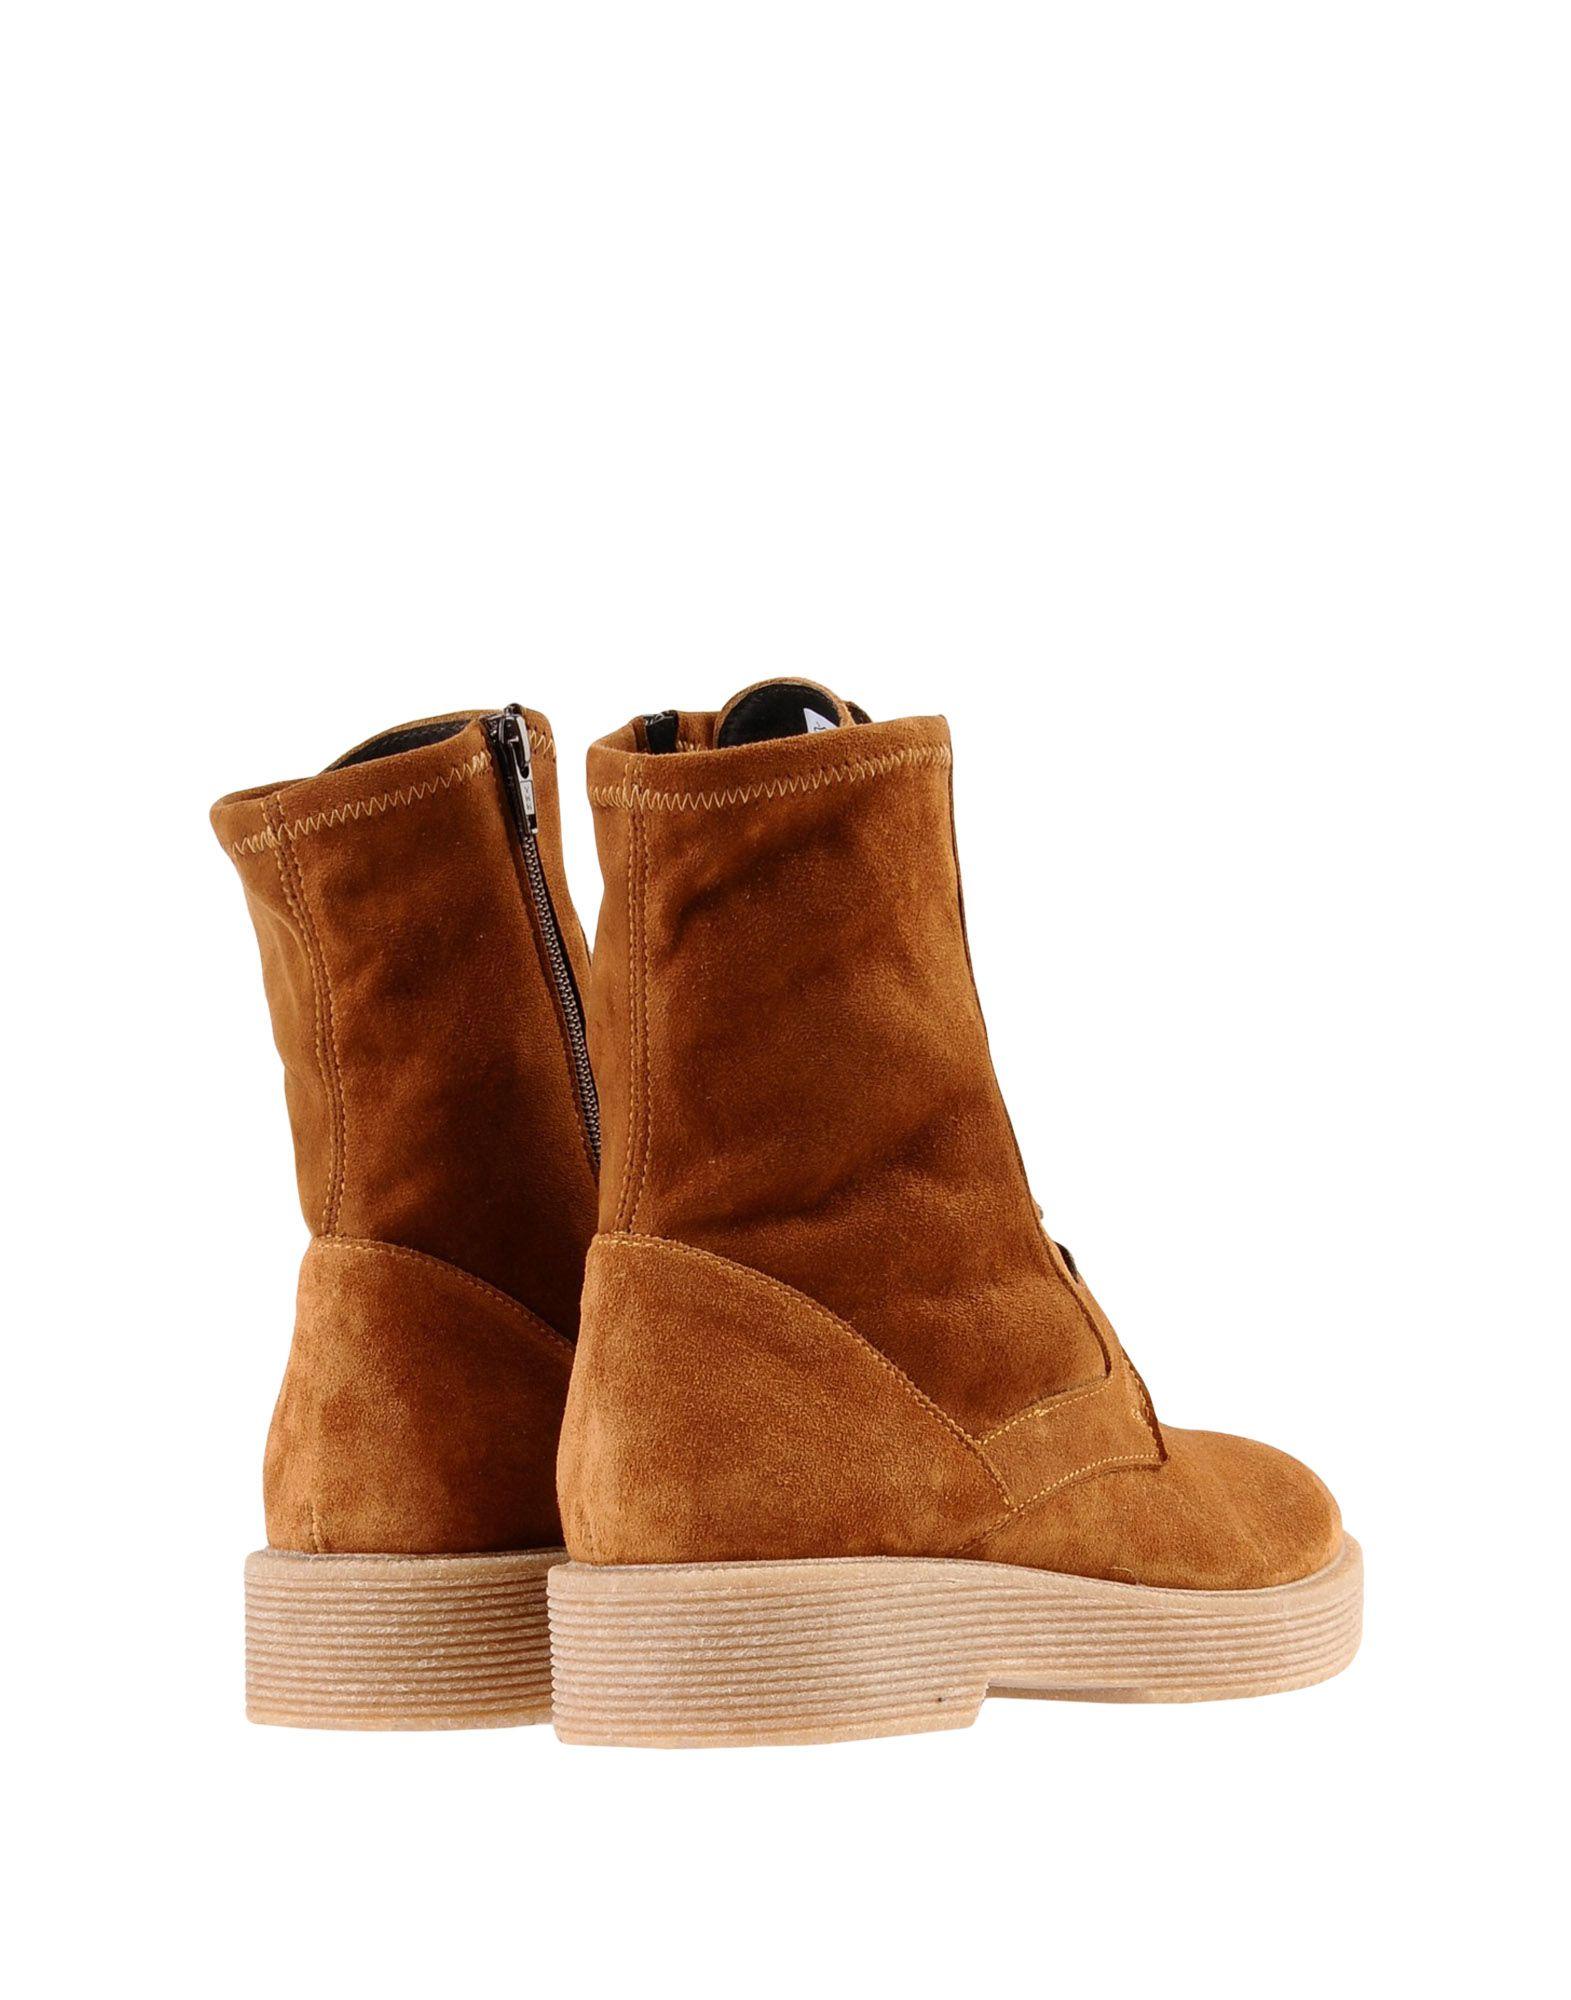 George J. Love Stiefelette Damen  11538492MW Gute Qualität beliebte Schuhe